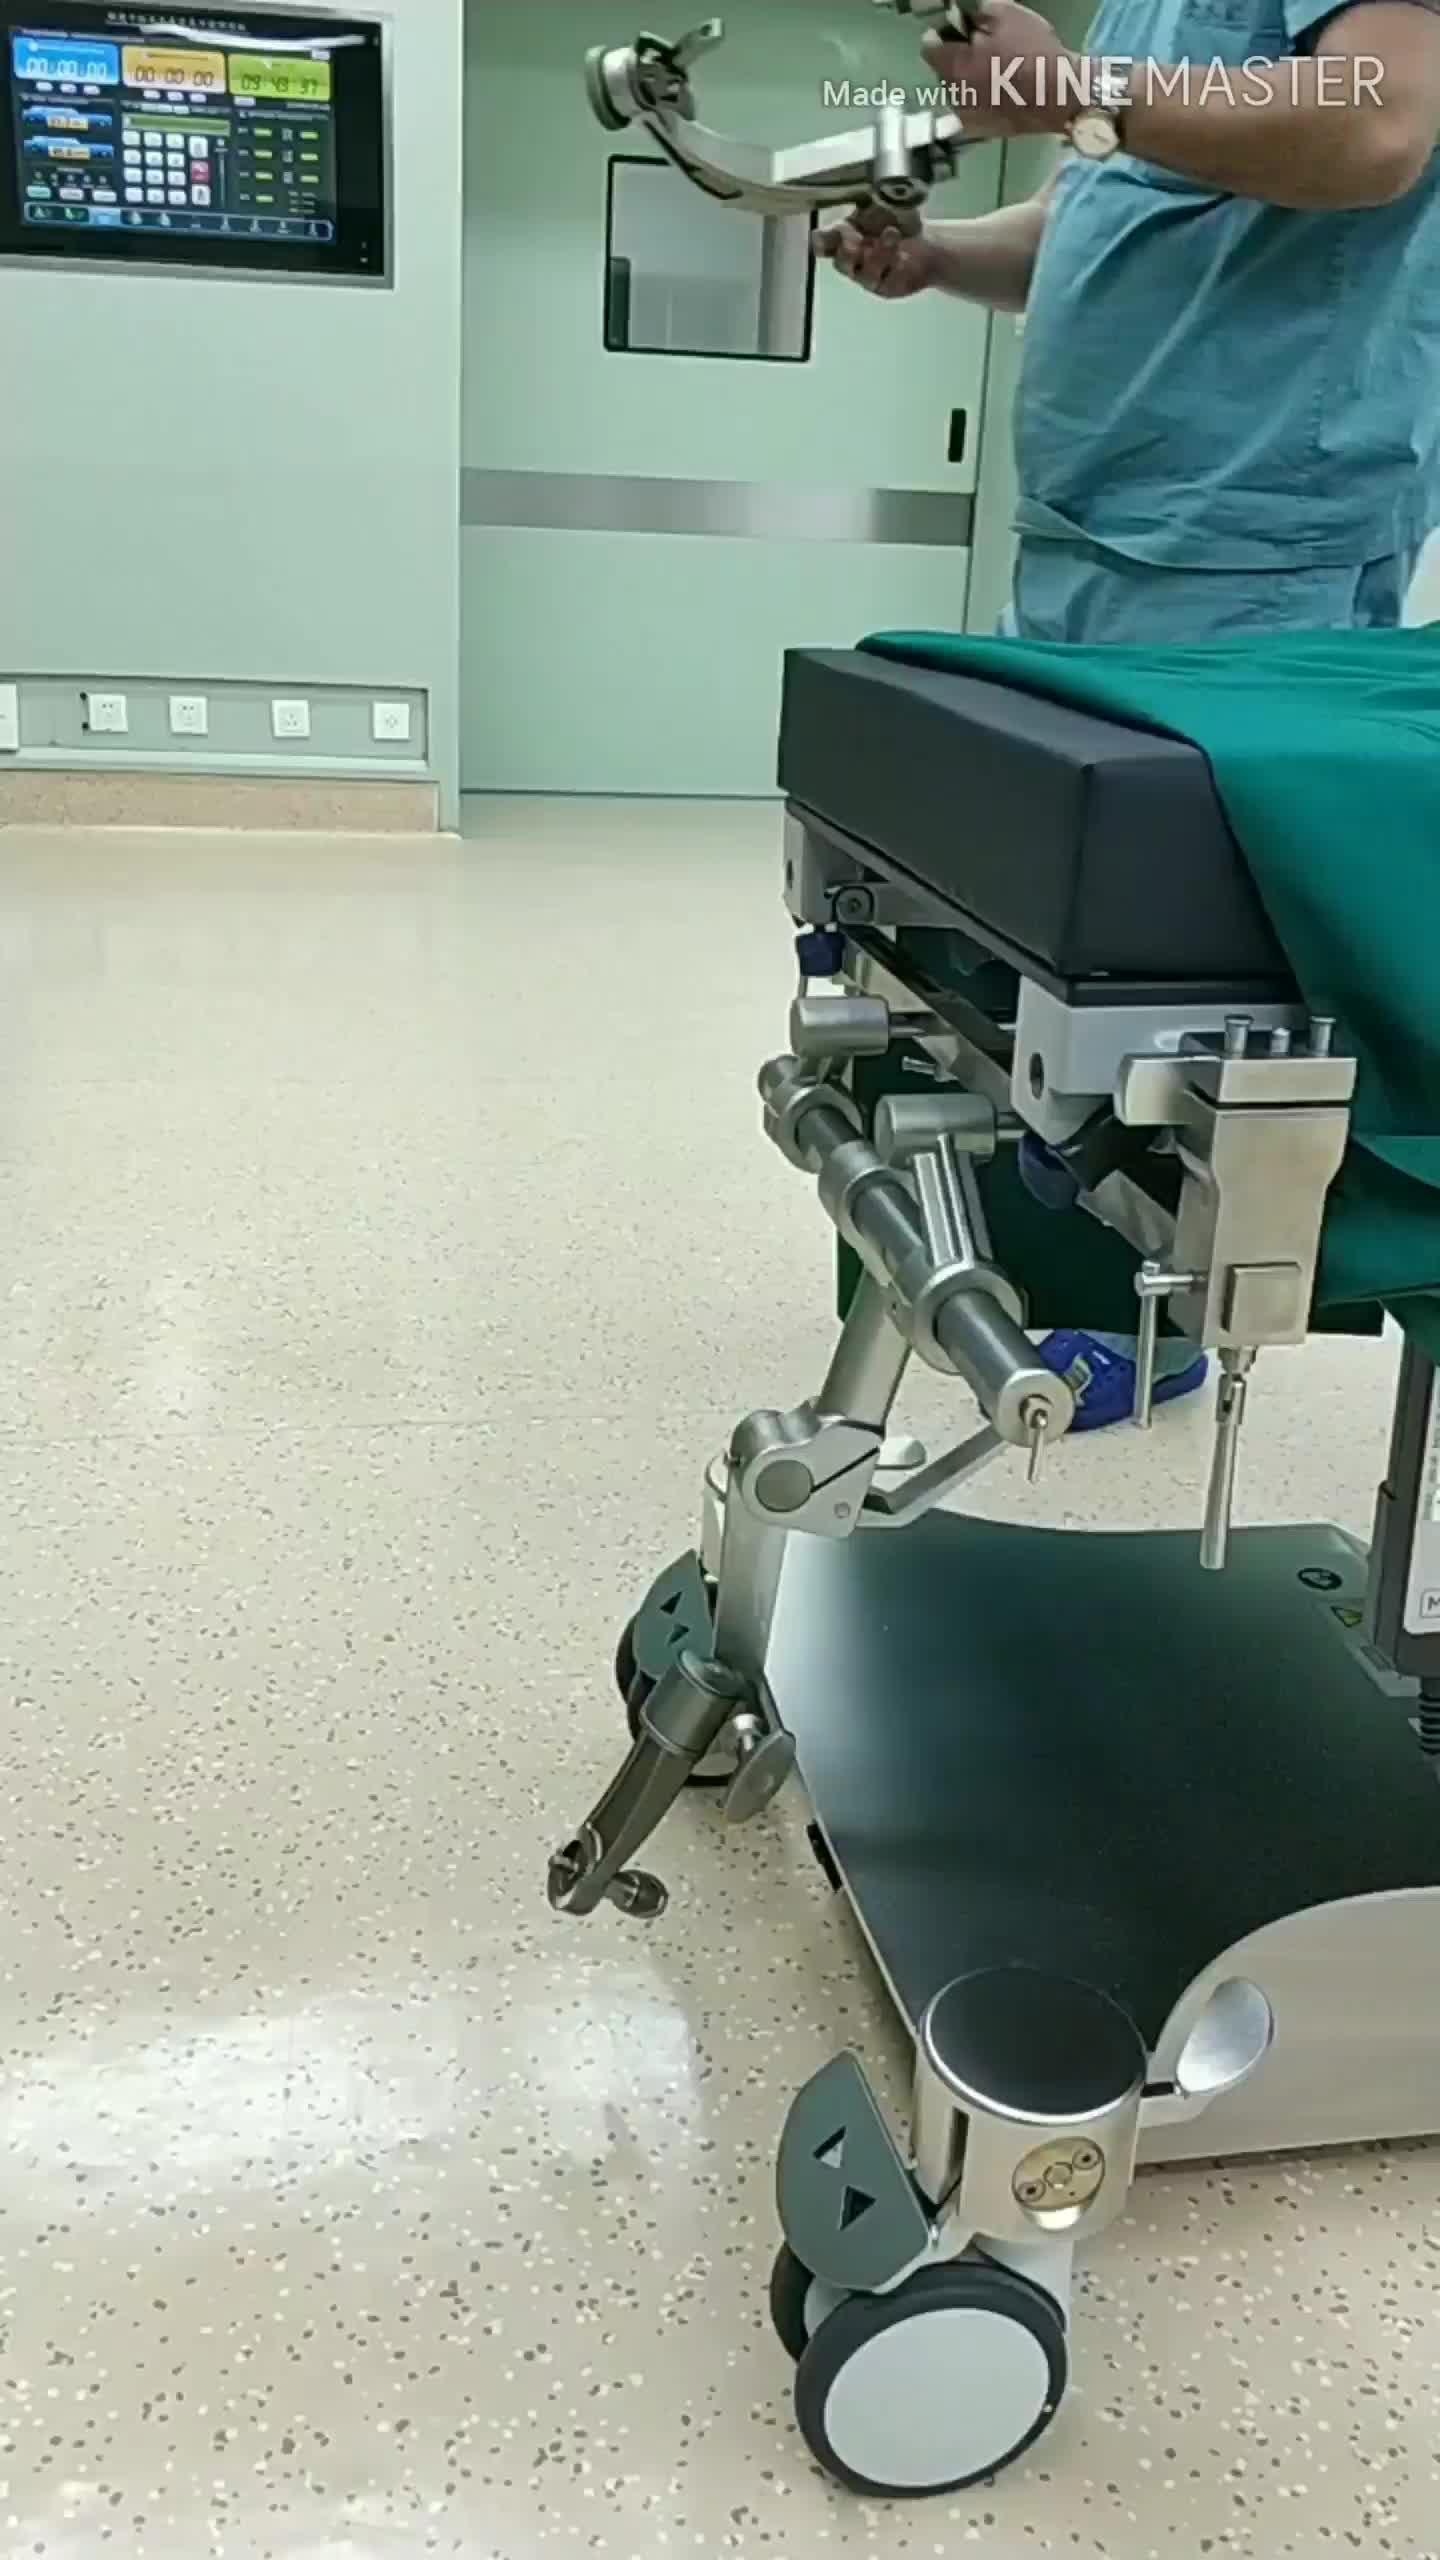 頭蓋安定化システム/3 ポイント頭蓋骨クランプ/ヘッド修正/よう mayfield ドロ/外科ヘッドレスト/OT テーブルアタッチメントアクセサリー